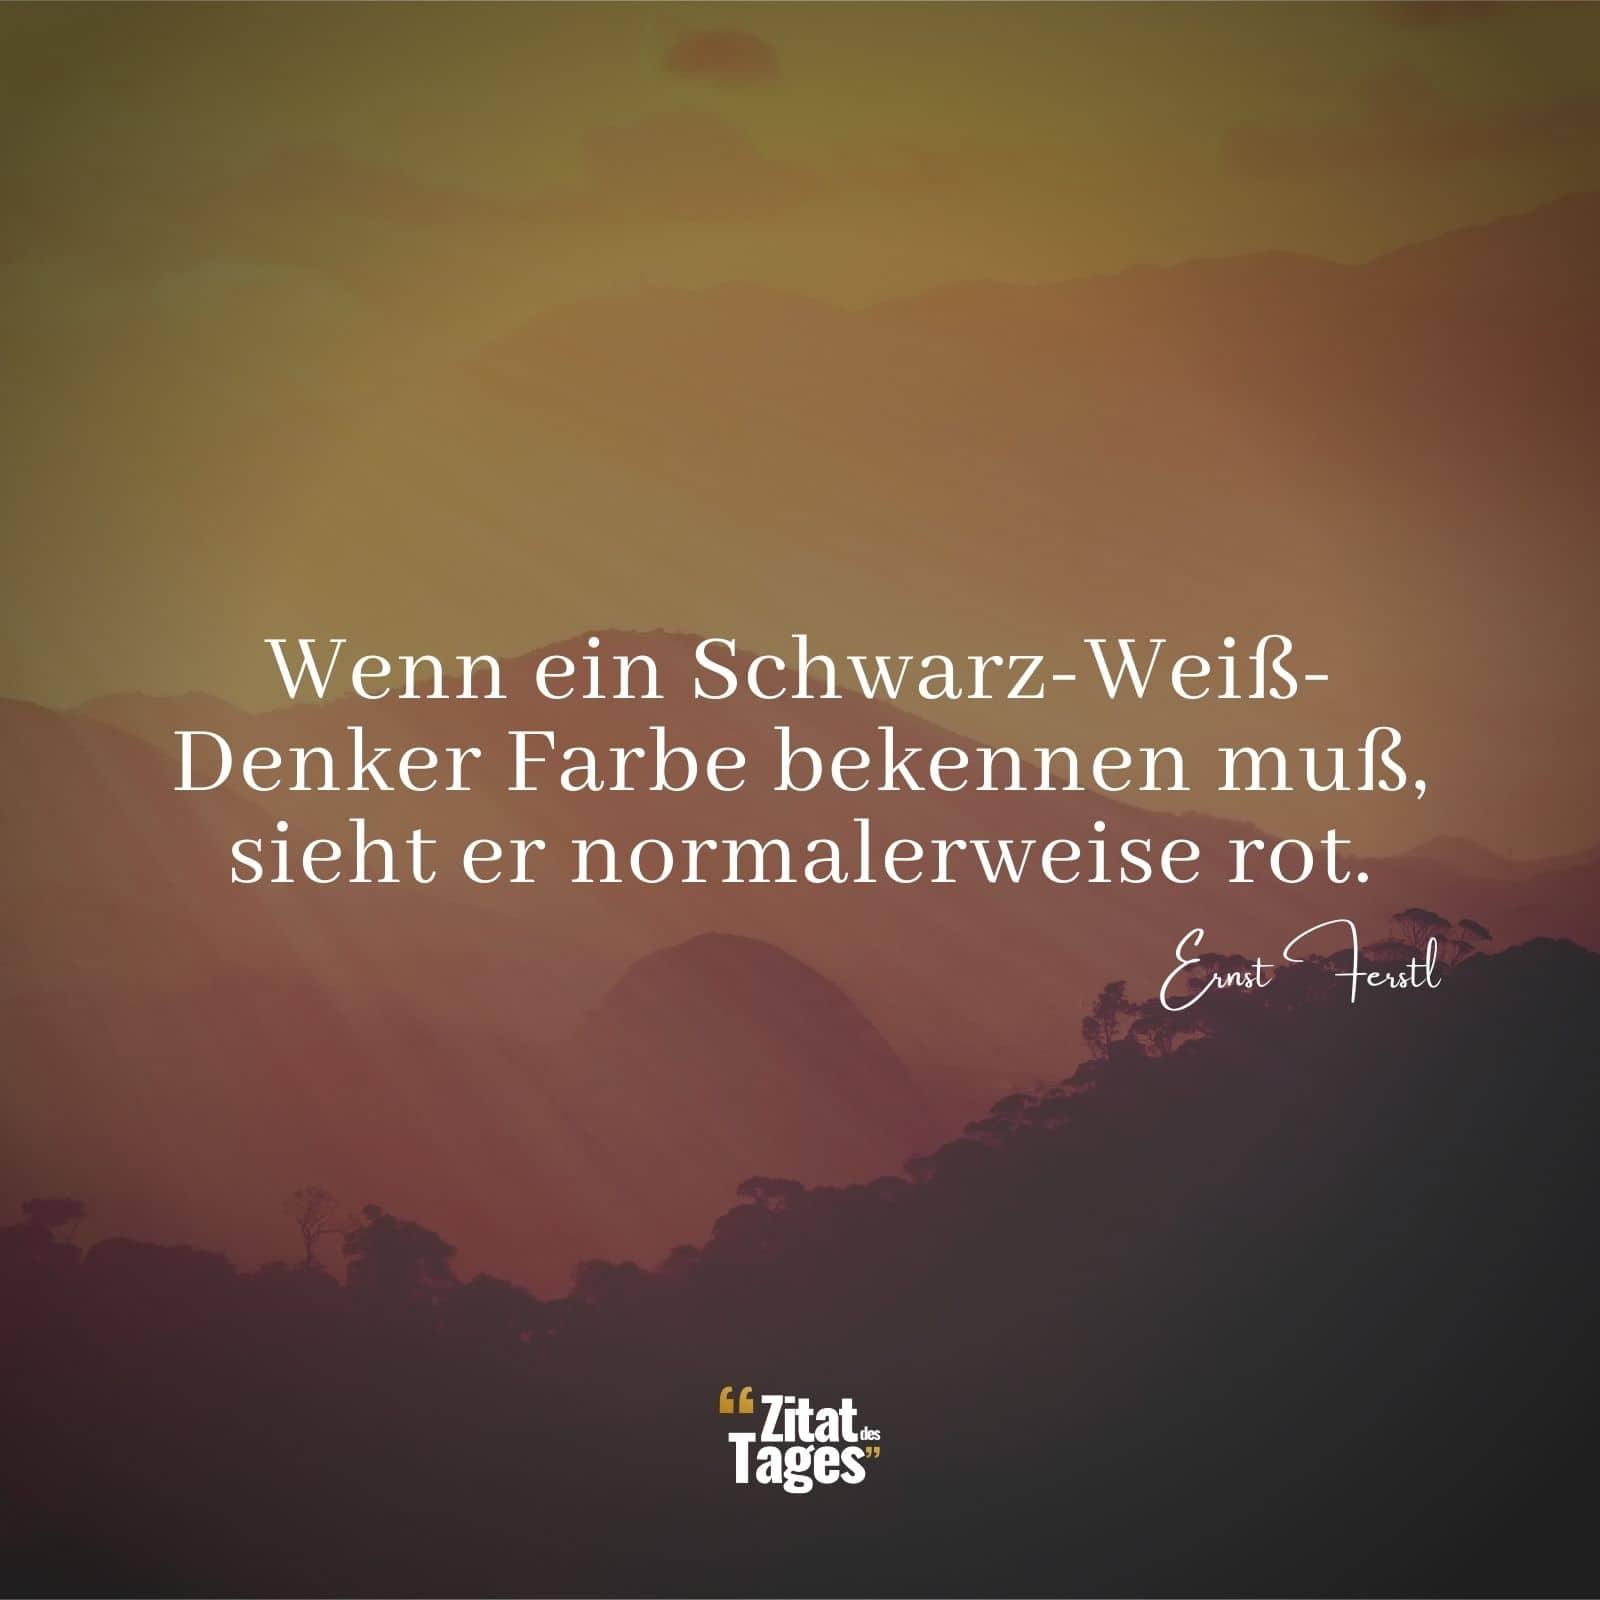 Ernst Ferstl Zitate Und Sprüche Zitat Des Tages